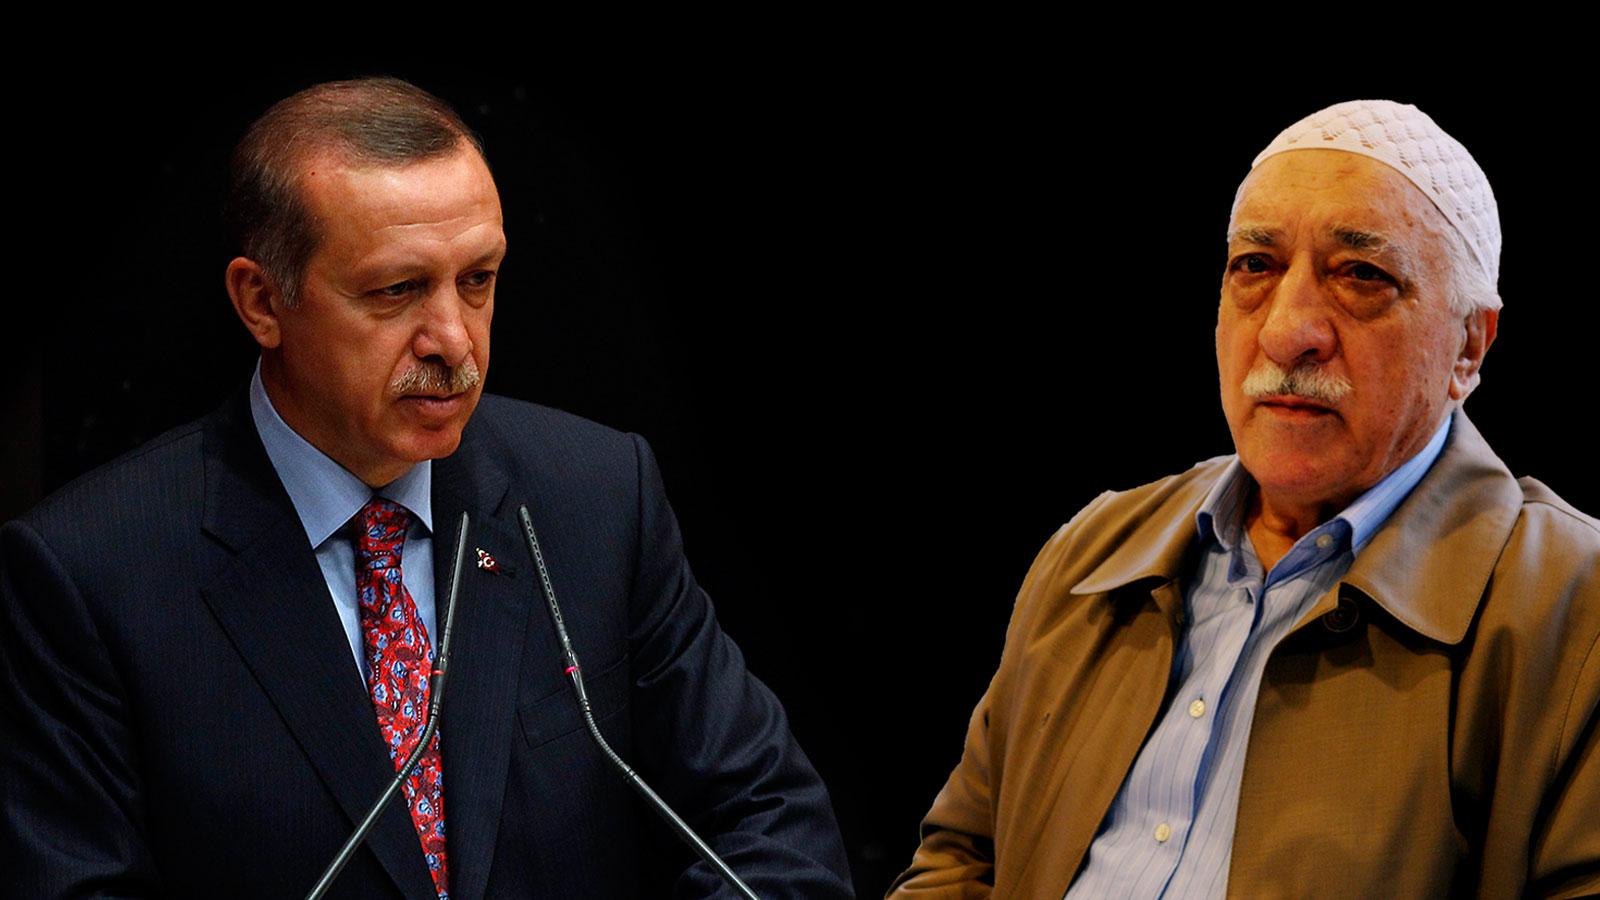 AKP'suç ortağı'nı yargılarsa: Yargıç, verdiği dinleme kararını uygulayan polisleri yargılıyor